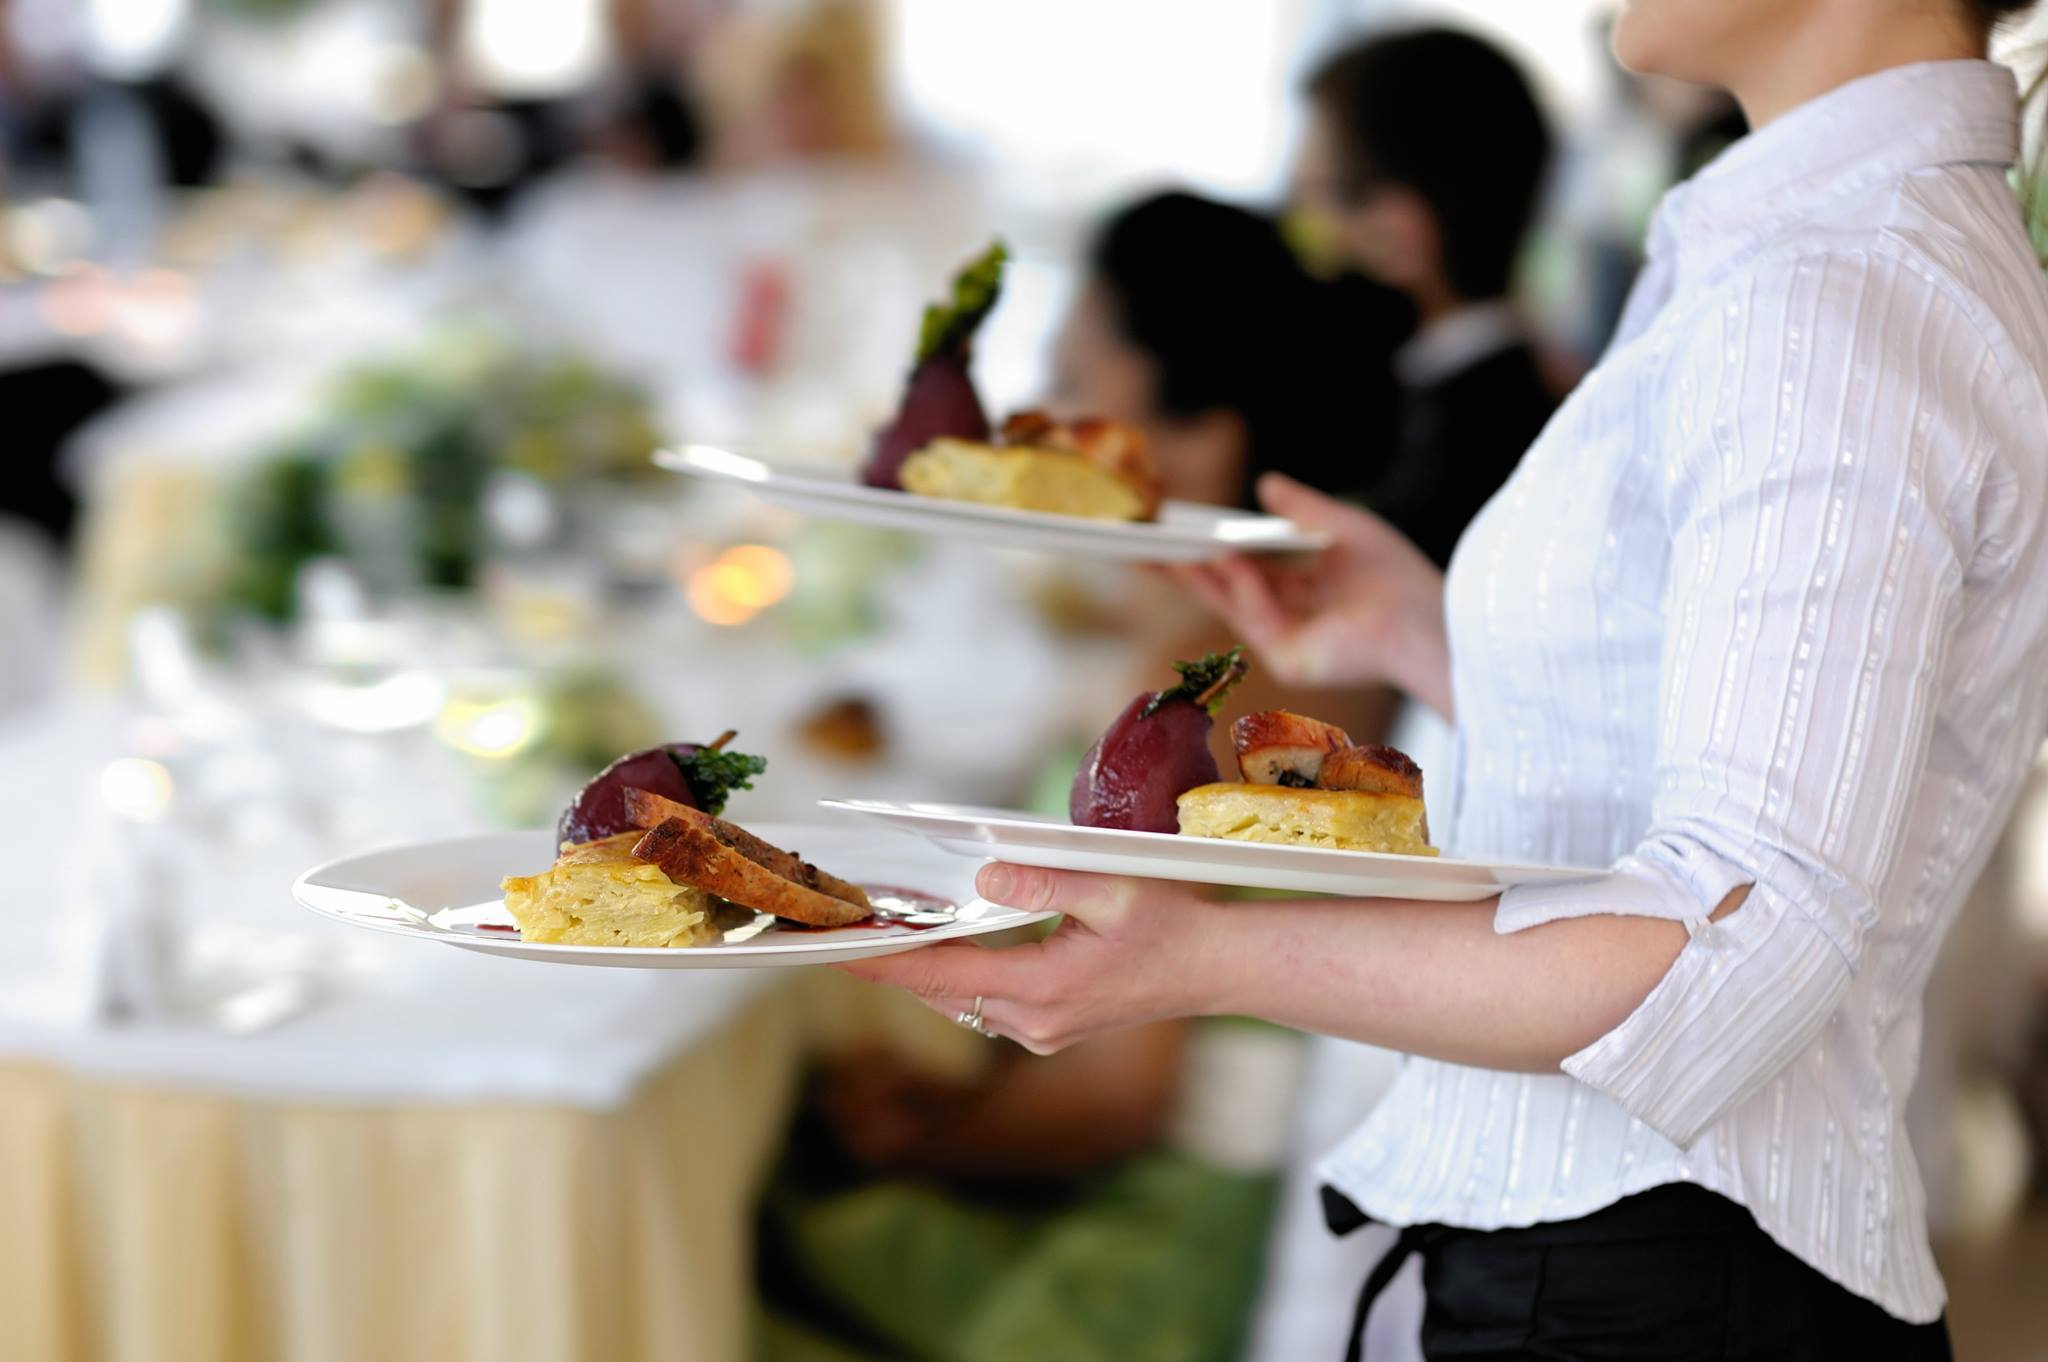 Noticias relevantes recopiladas del sector de la hostelería y el turismo